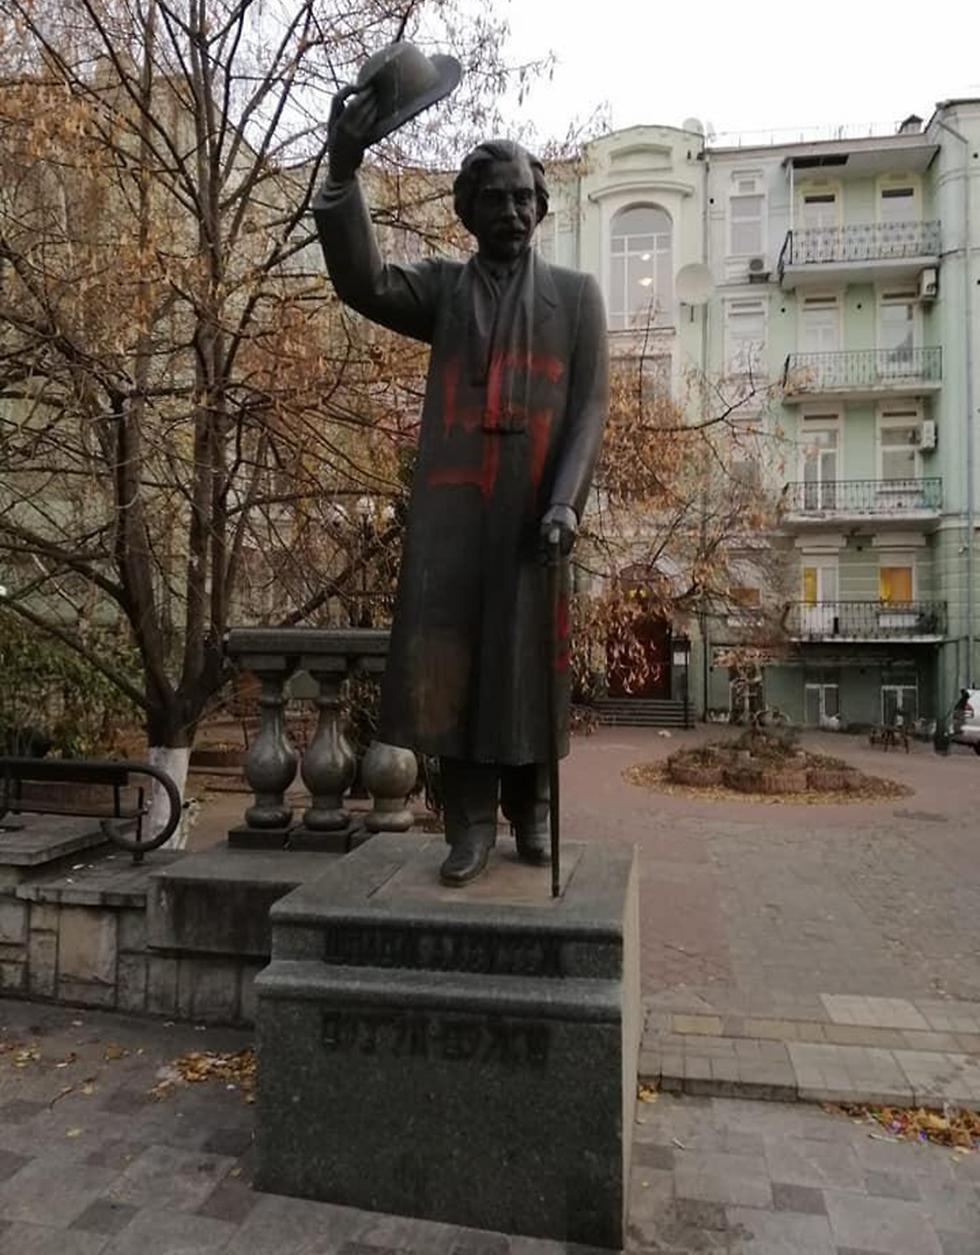 צלבי קרס על הפסל שלום עליכם בקייב ()